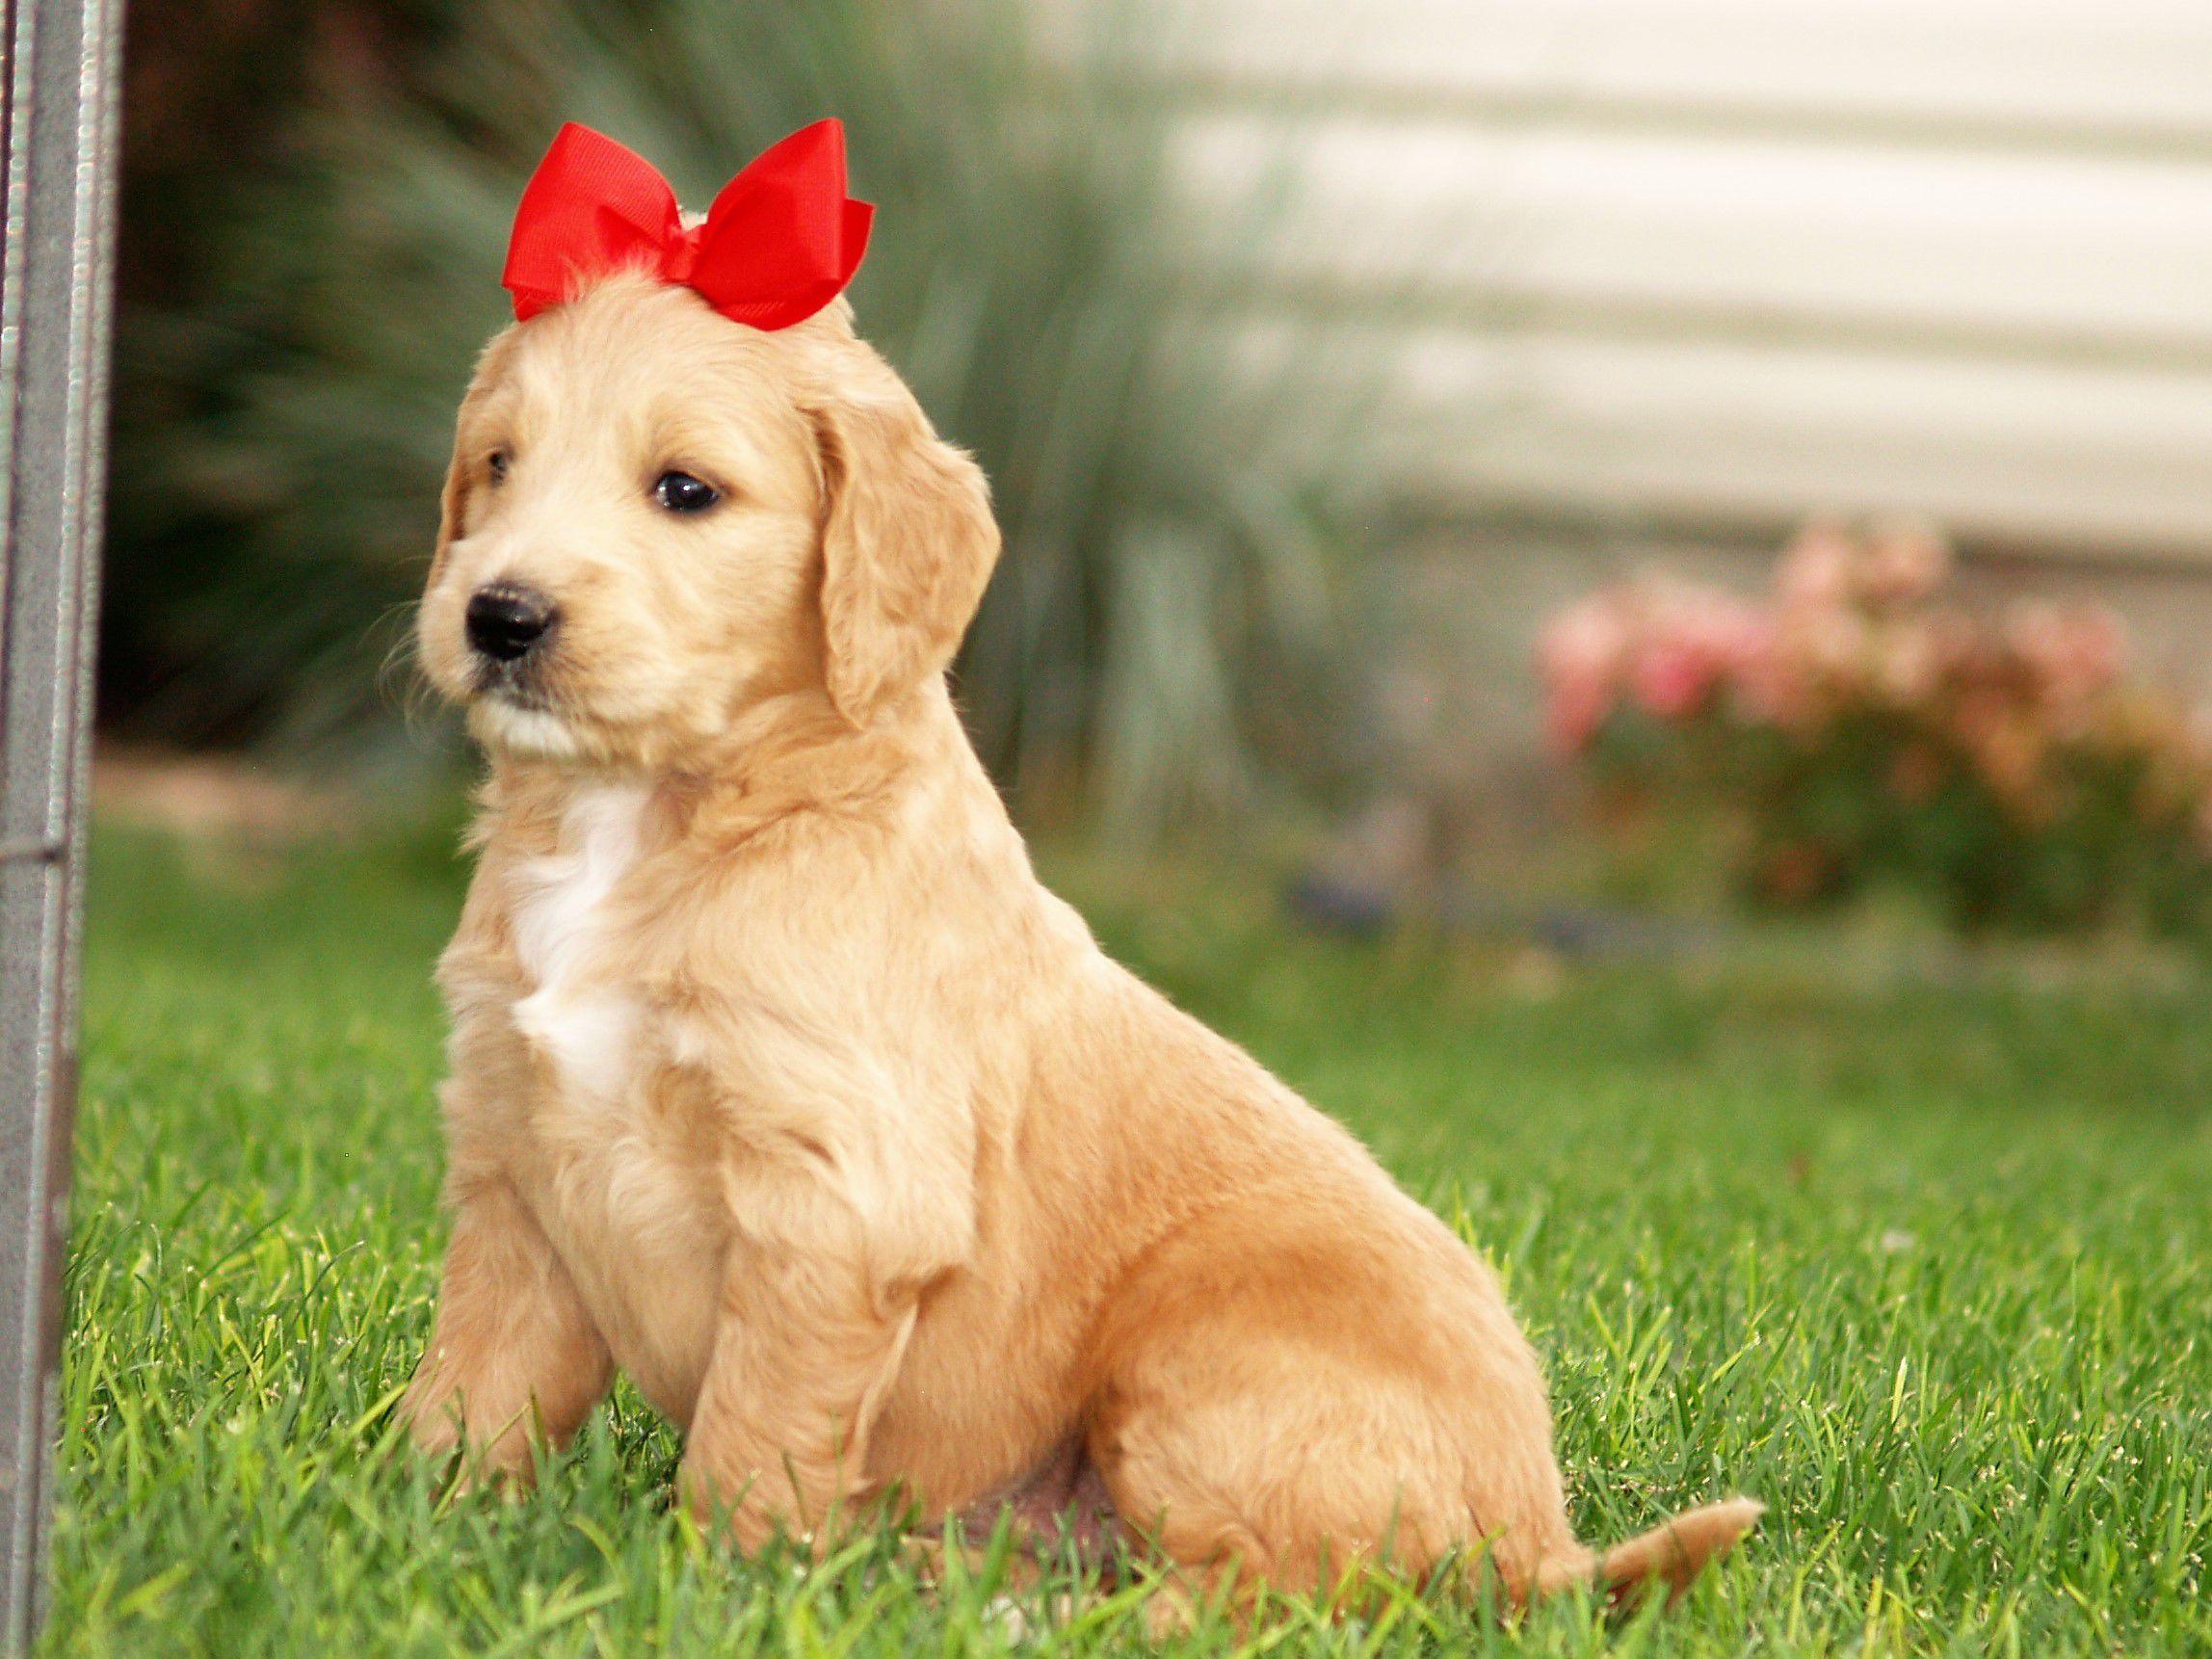 Goldendoodle image 2